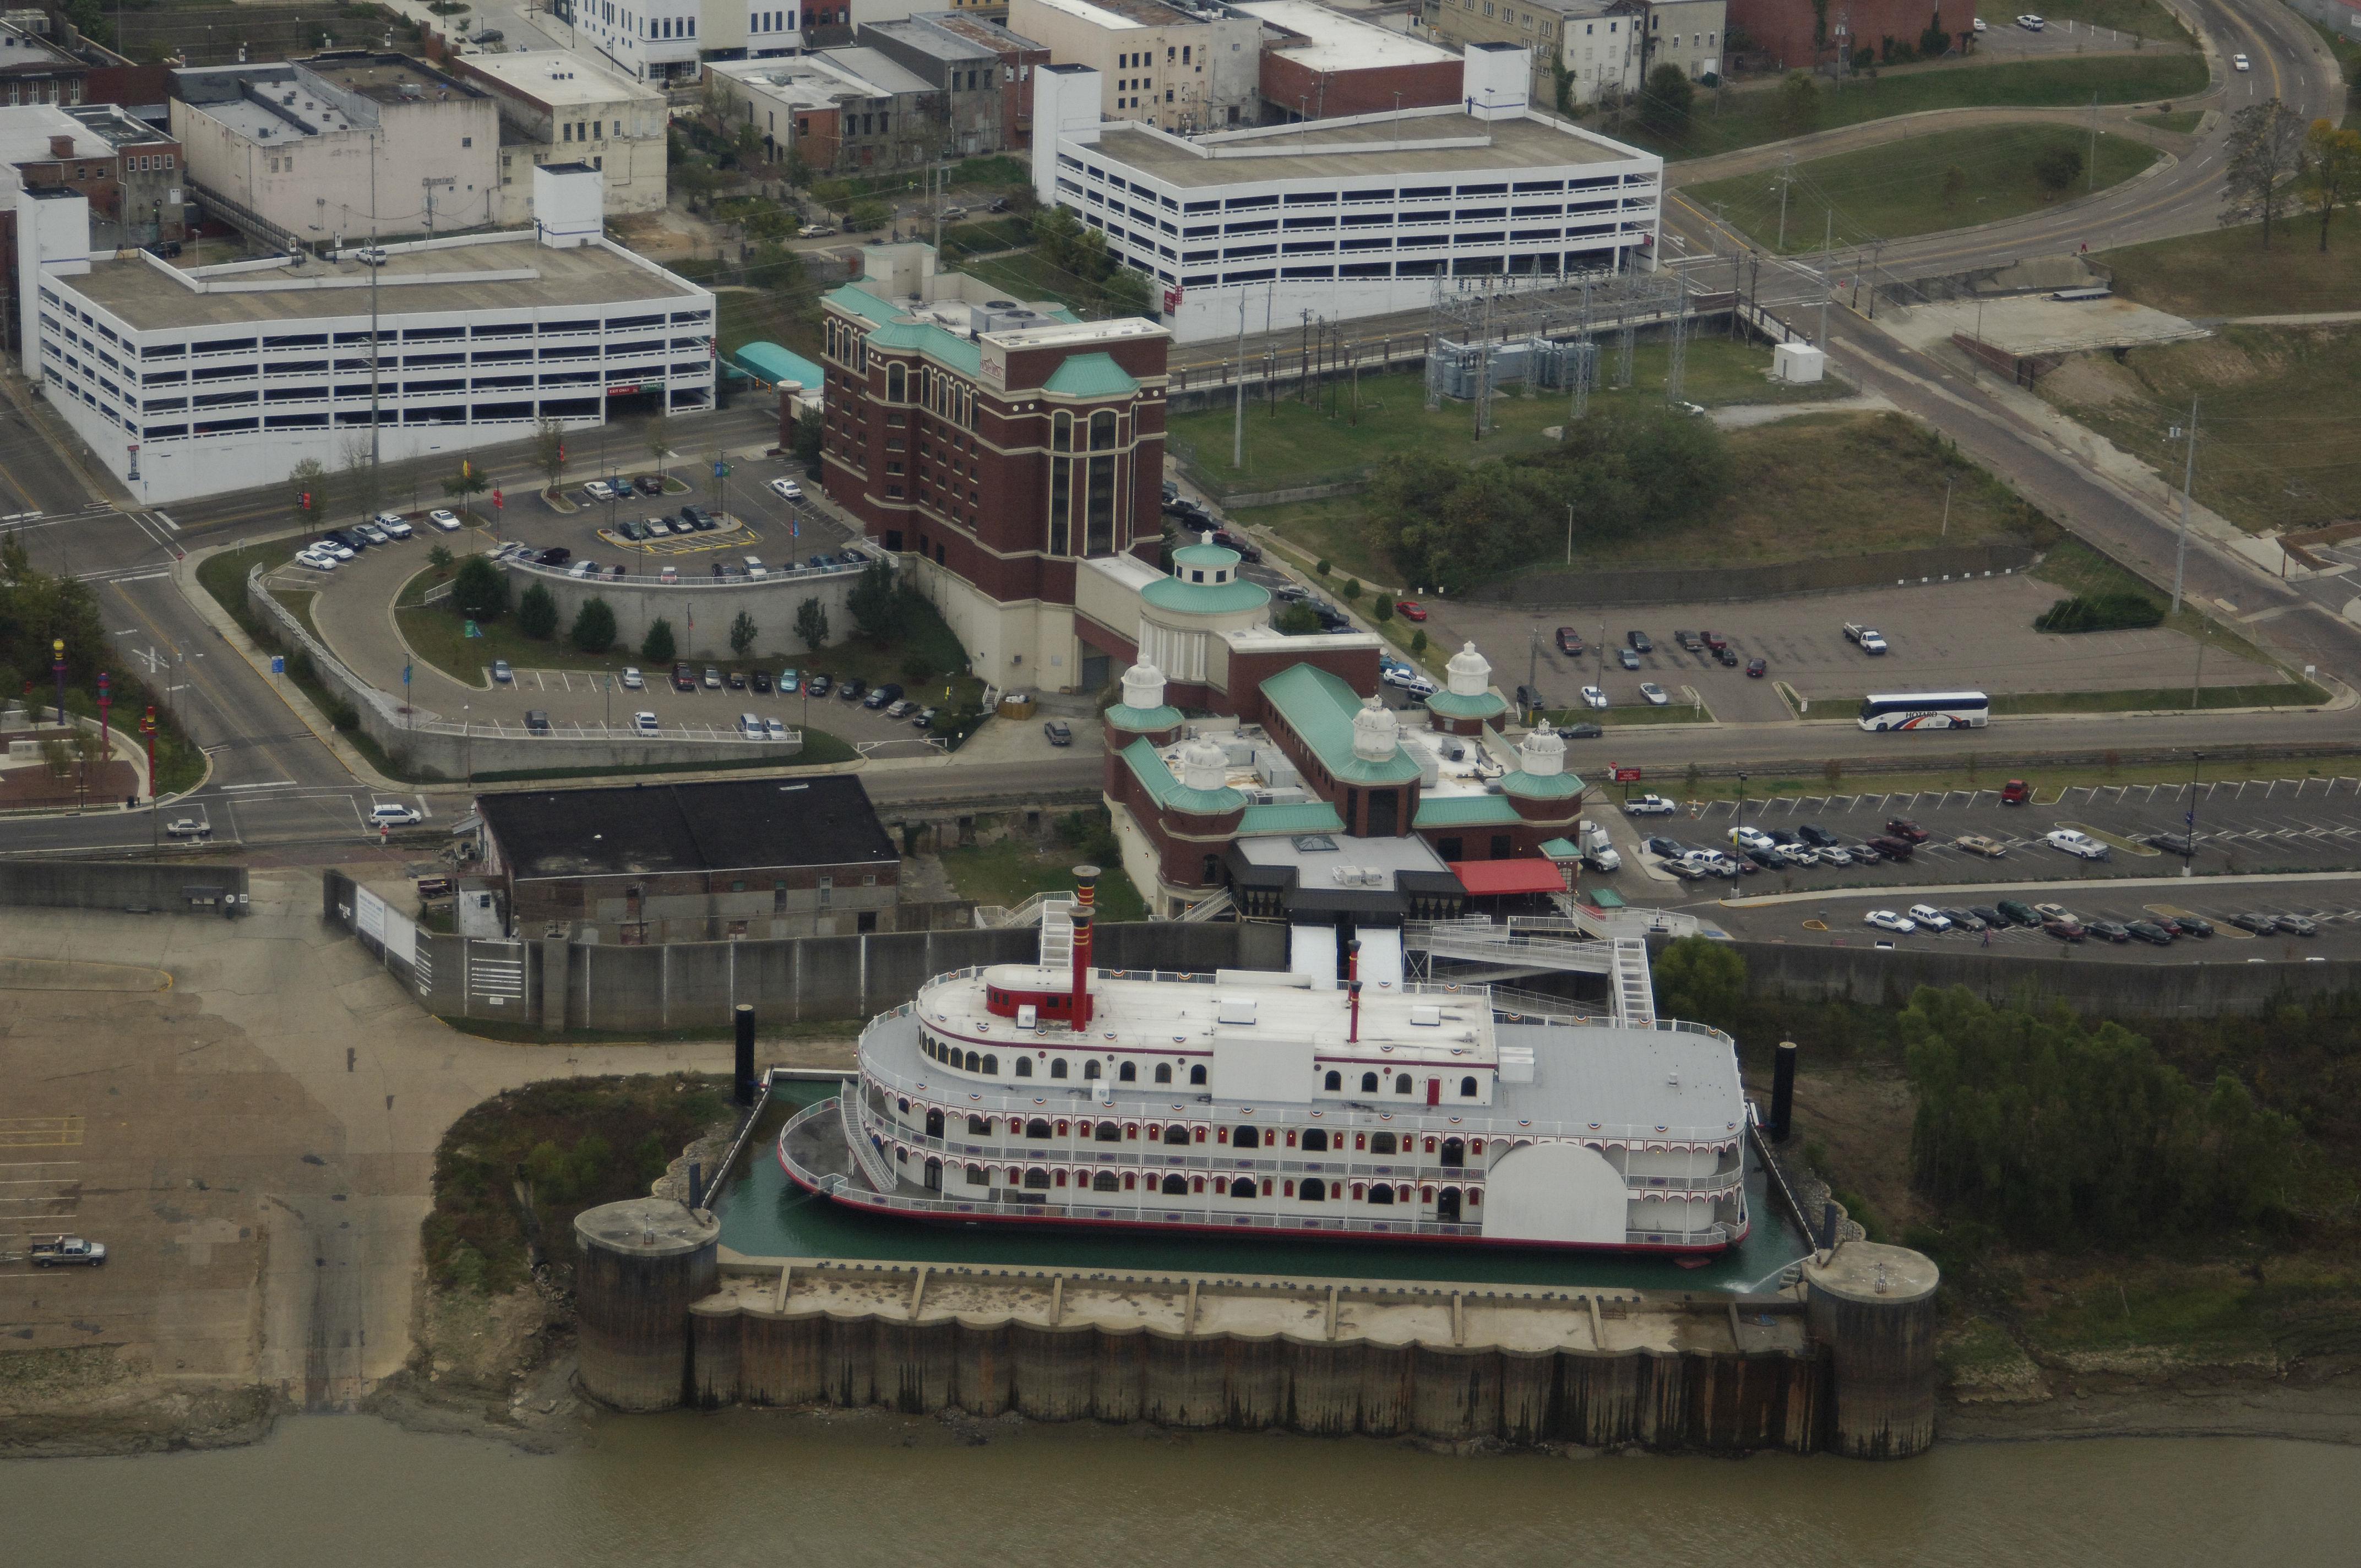 Horizon casino in vicksburg ms casino jobs biloxi